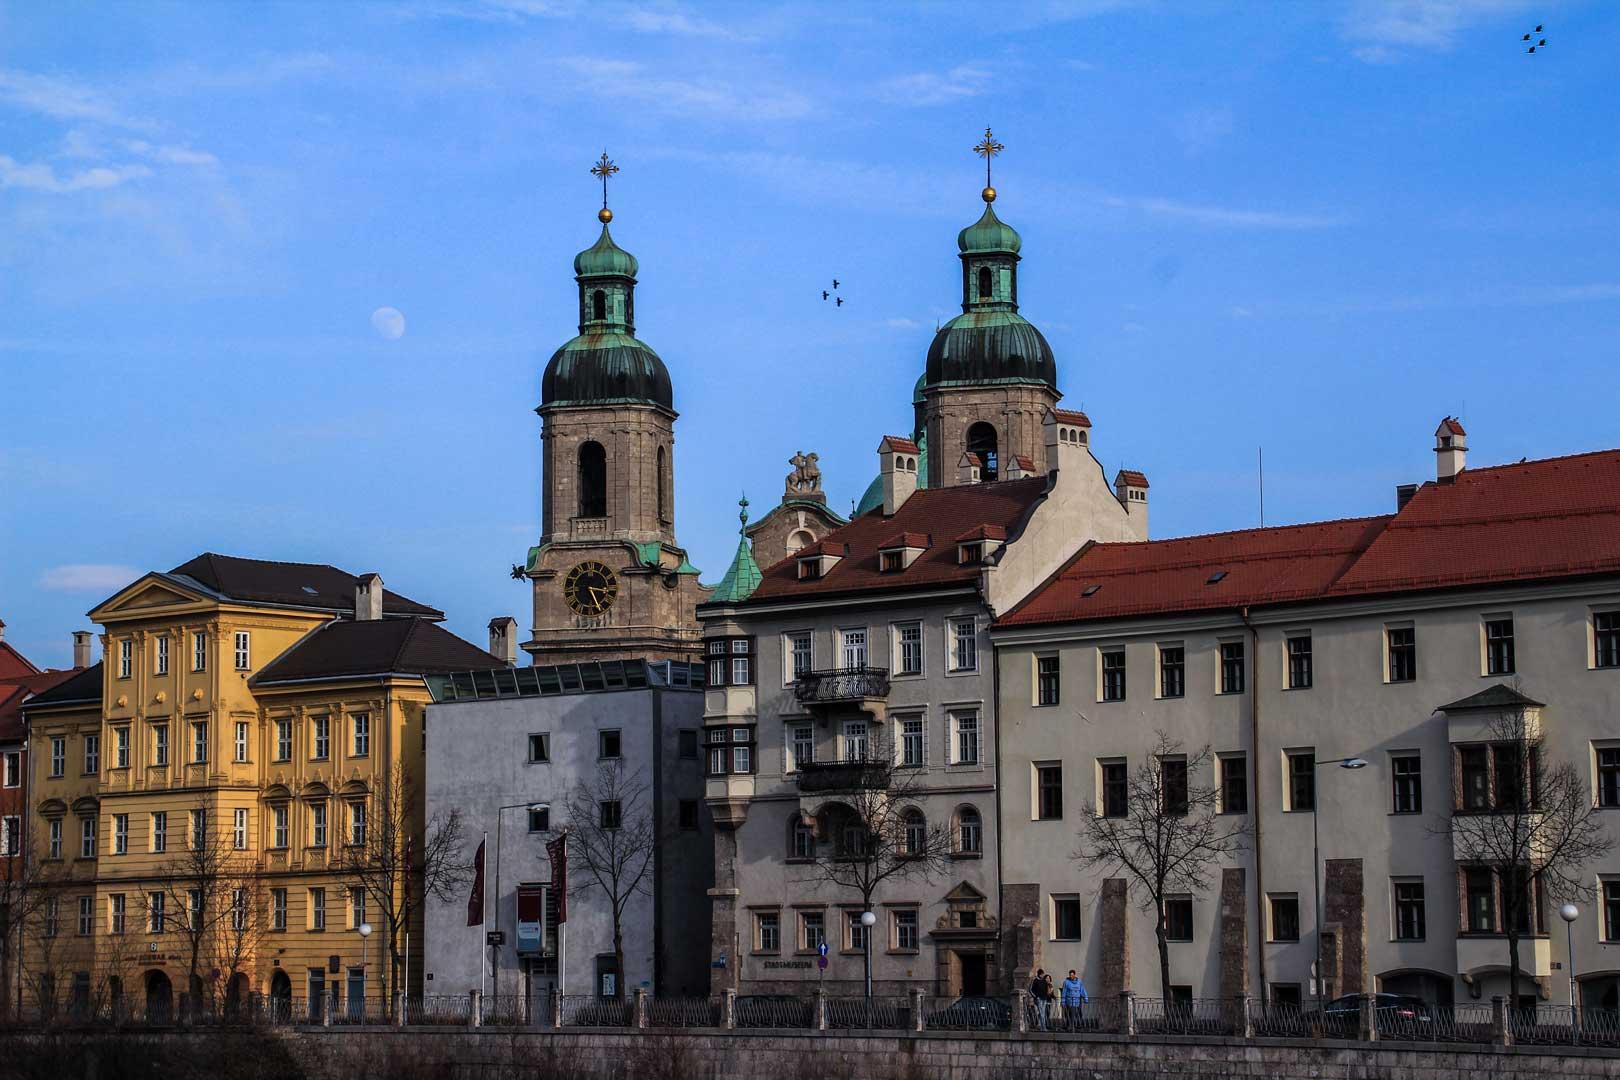 innsbruck austria travelshare.gr buildings